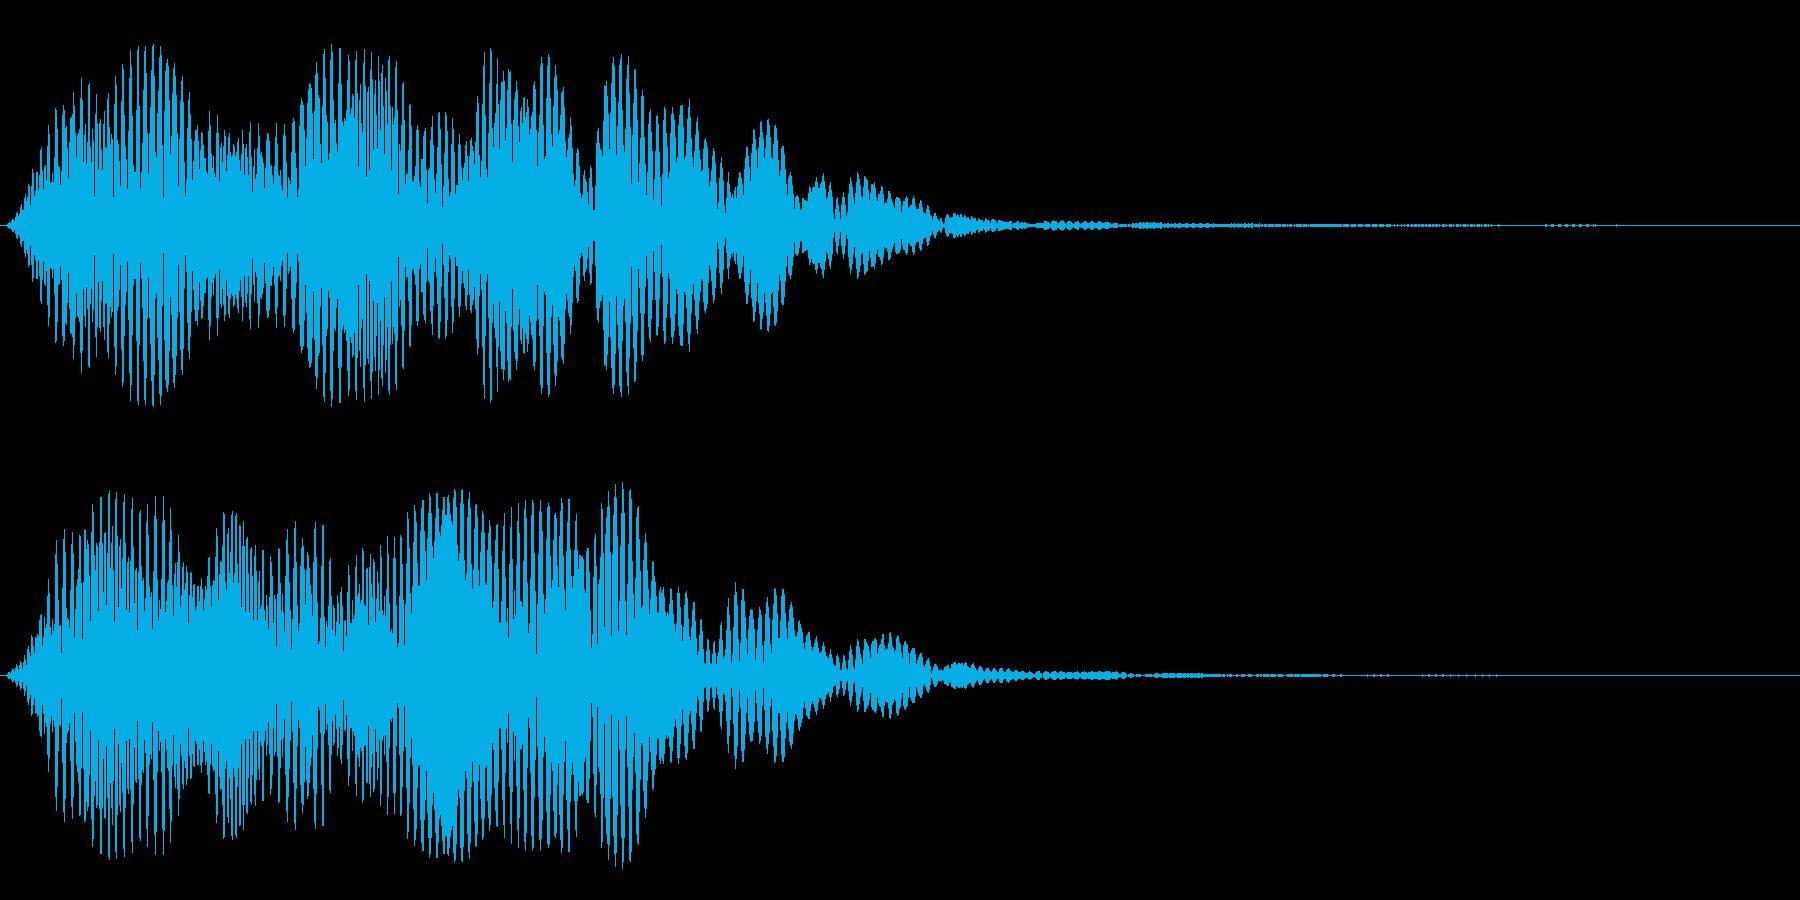 スペーシーな音階のシンセサイザー音の再生済みの波形